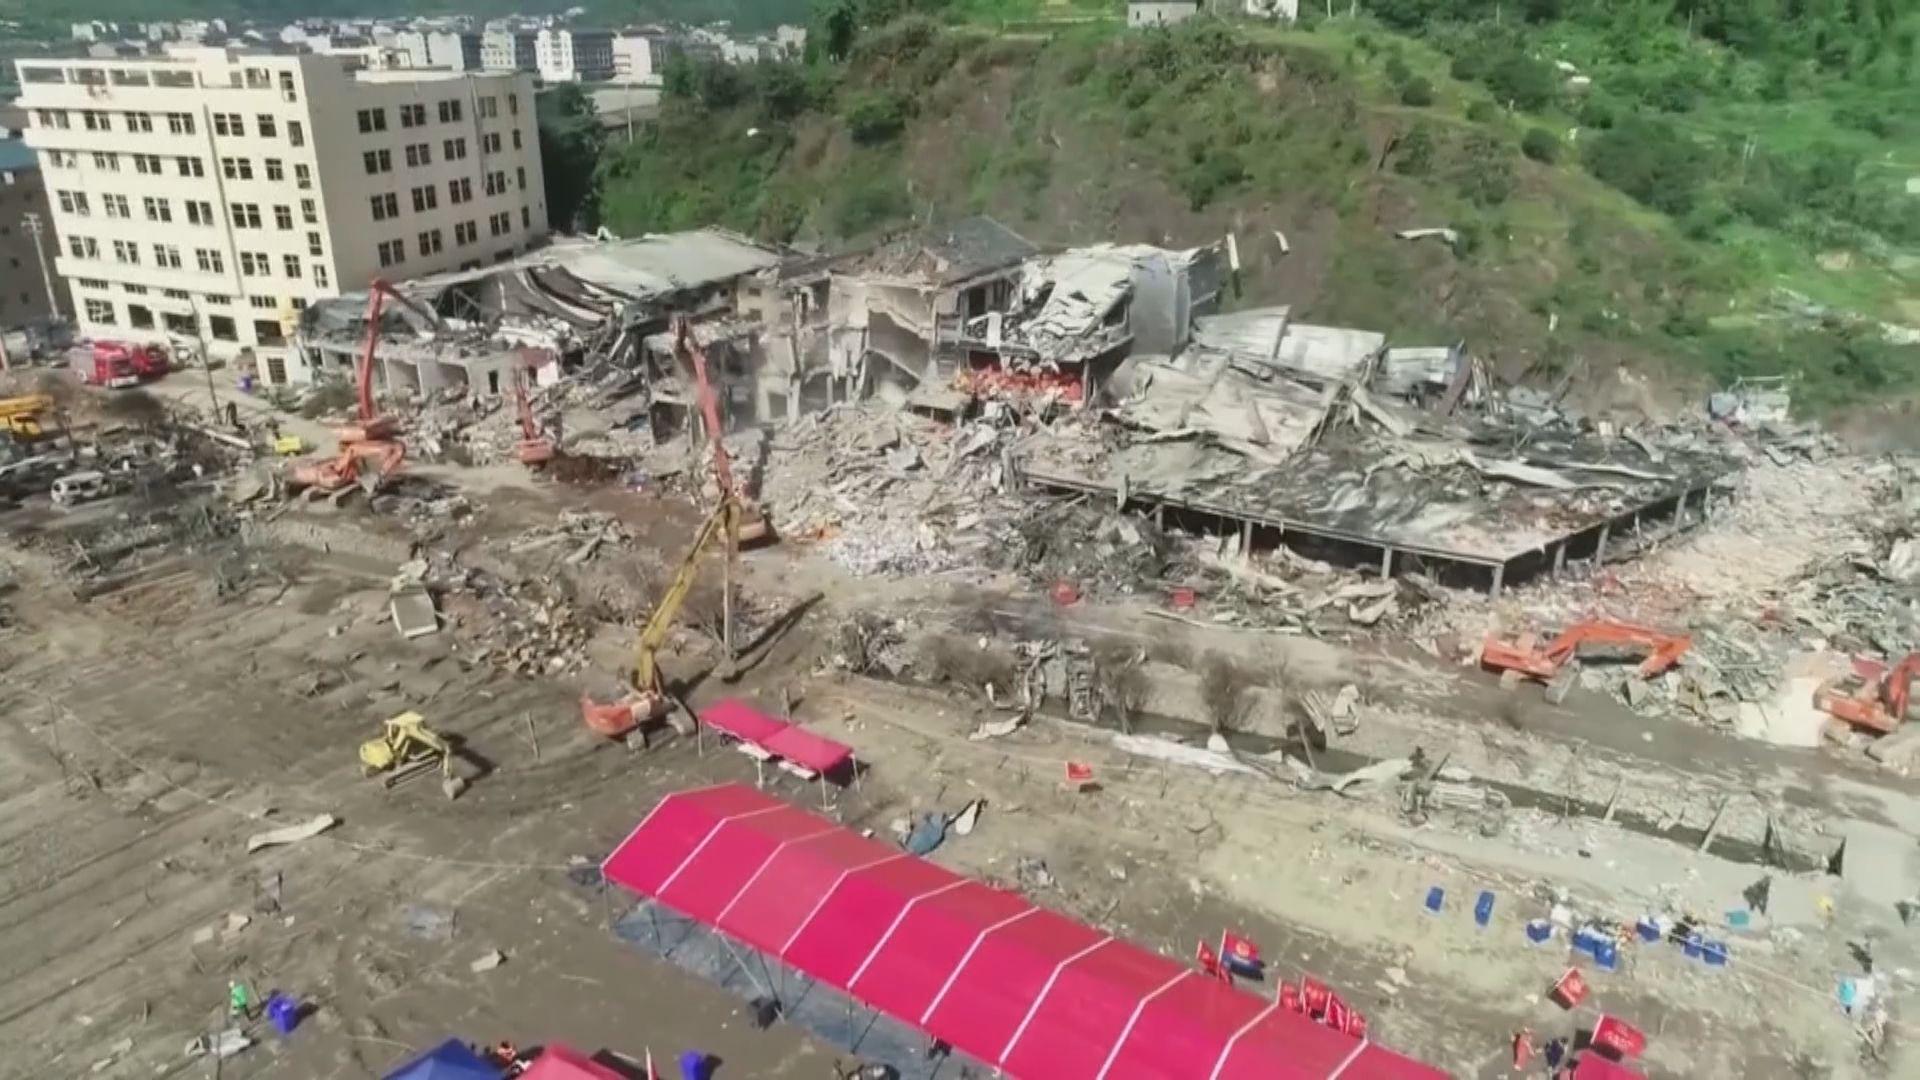 浙江油罐車爆炸事故 調查指爆炸前未與其他車輛碰撞